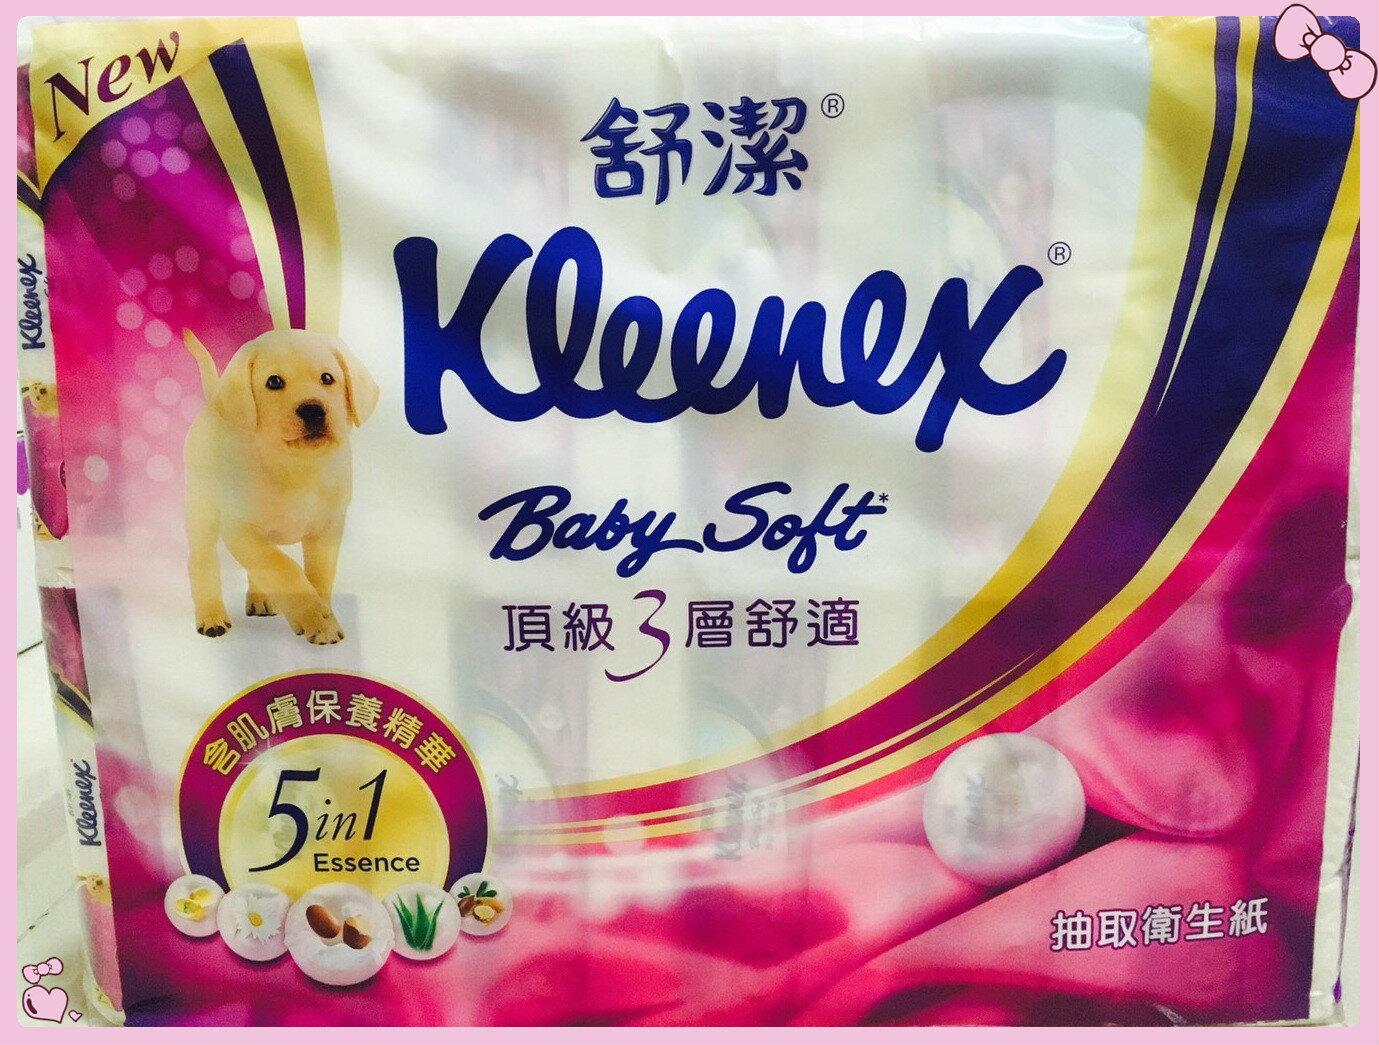 ❤含發票❤團購價❤舒潔頂級三層舒適抽取式衛生紙❤24包(1包100抽) ❤衛生紙/抽取式/濕紙巾/肌膚保養精華❤